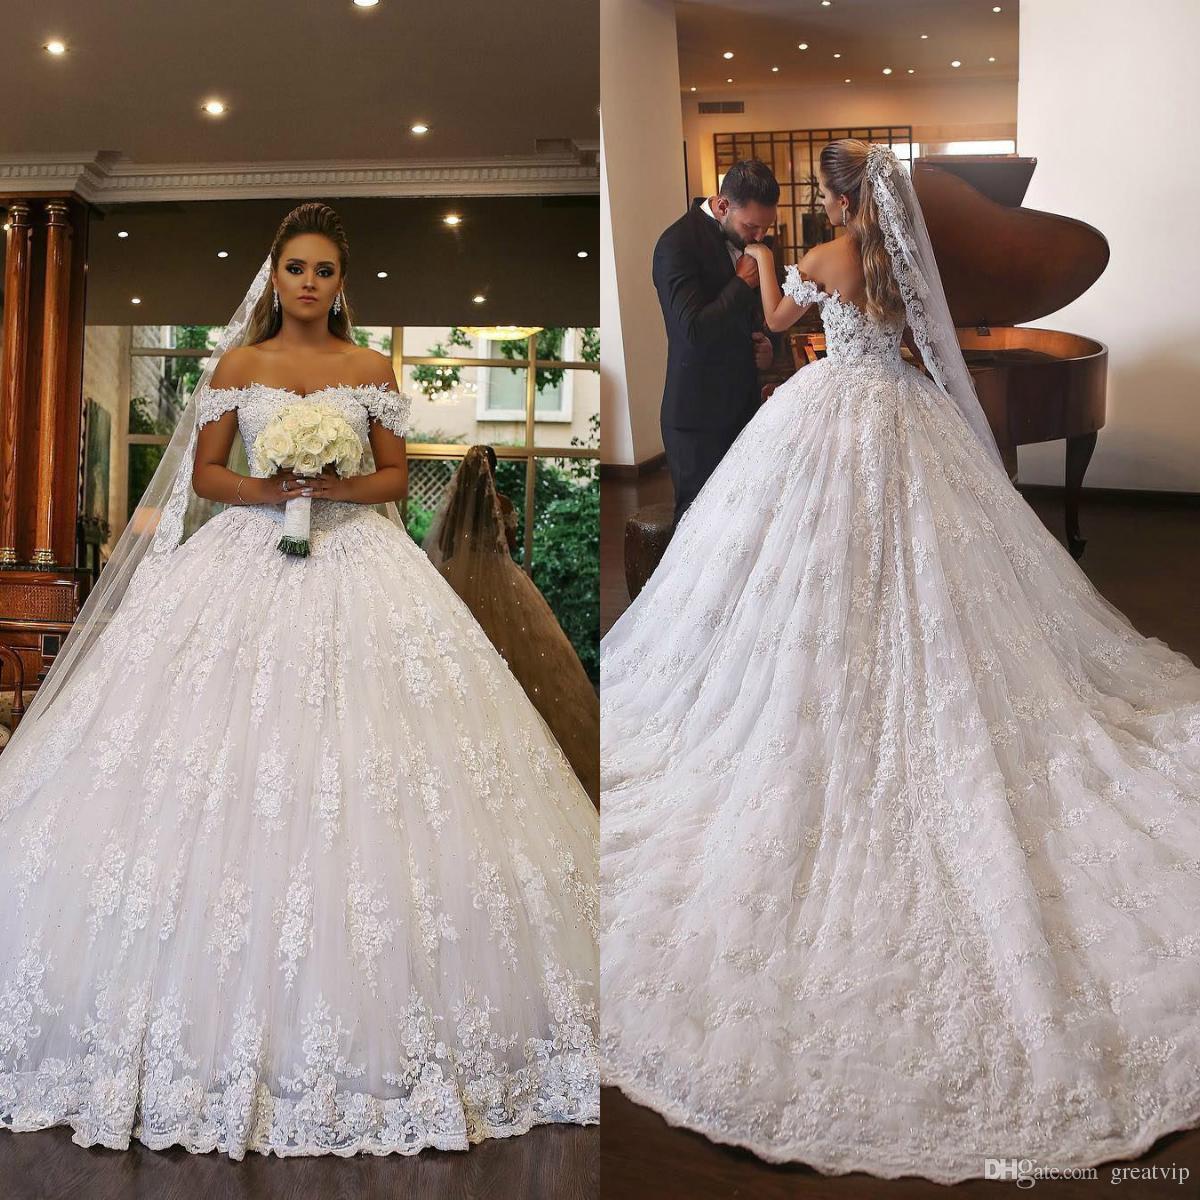 2019 white princess wedding dresses off shoulder lace beads sweep train  bridal ball gowns plus size chapel vestido de novia